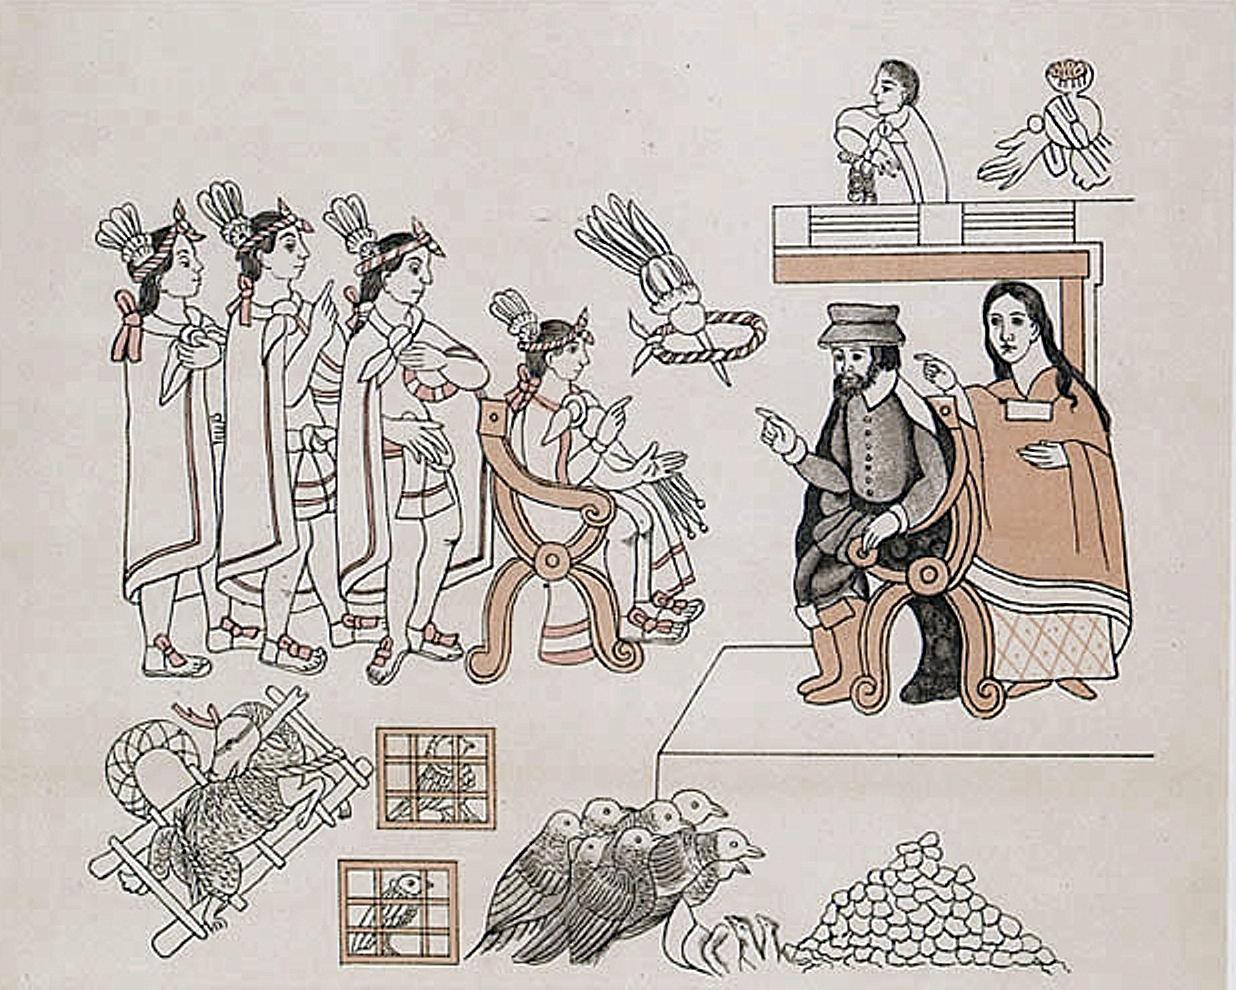 Встреча Кортеса и Монтесумы. Позади Кортеса его переводчица Малинче. .jpg